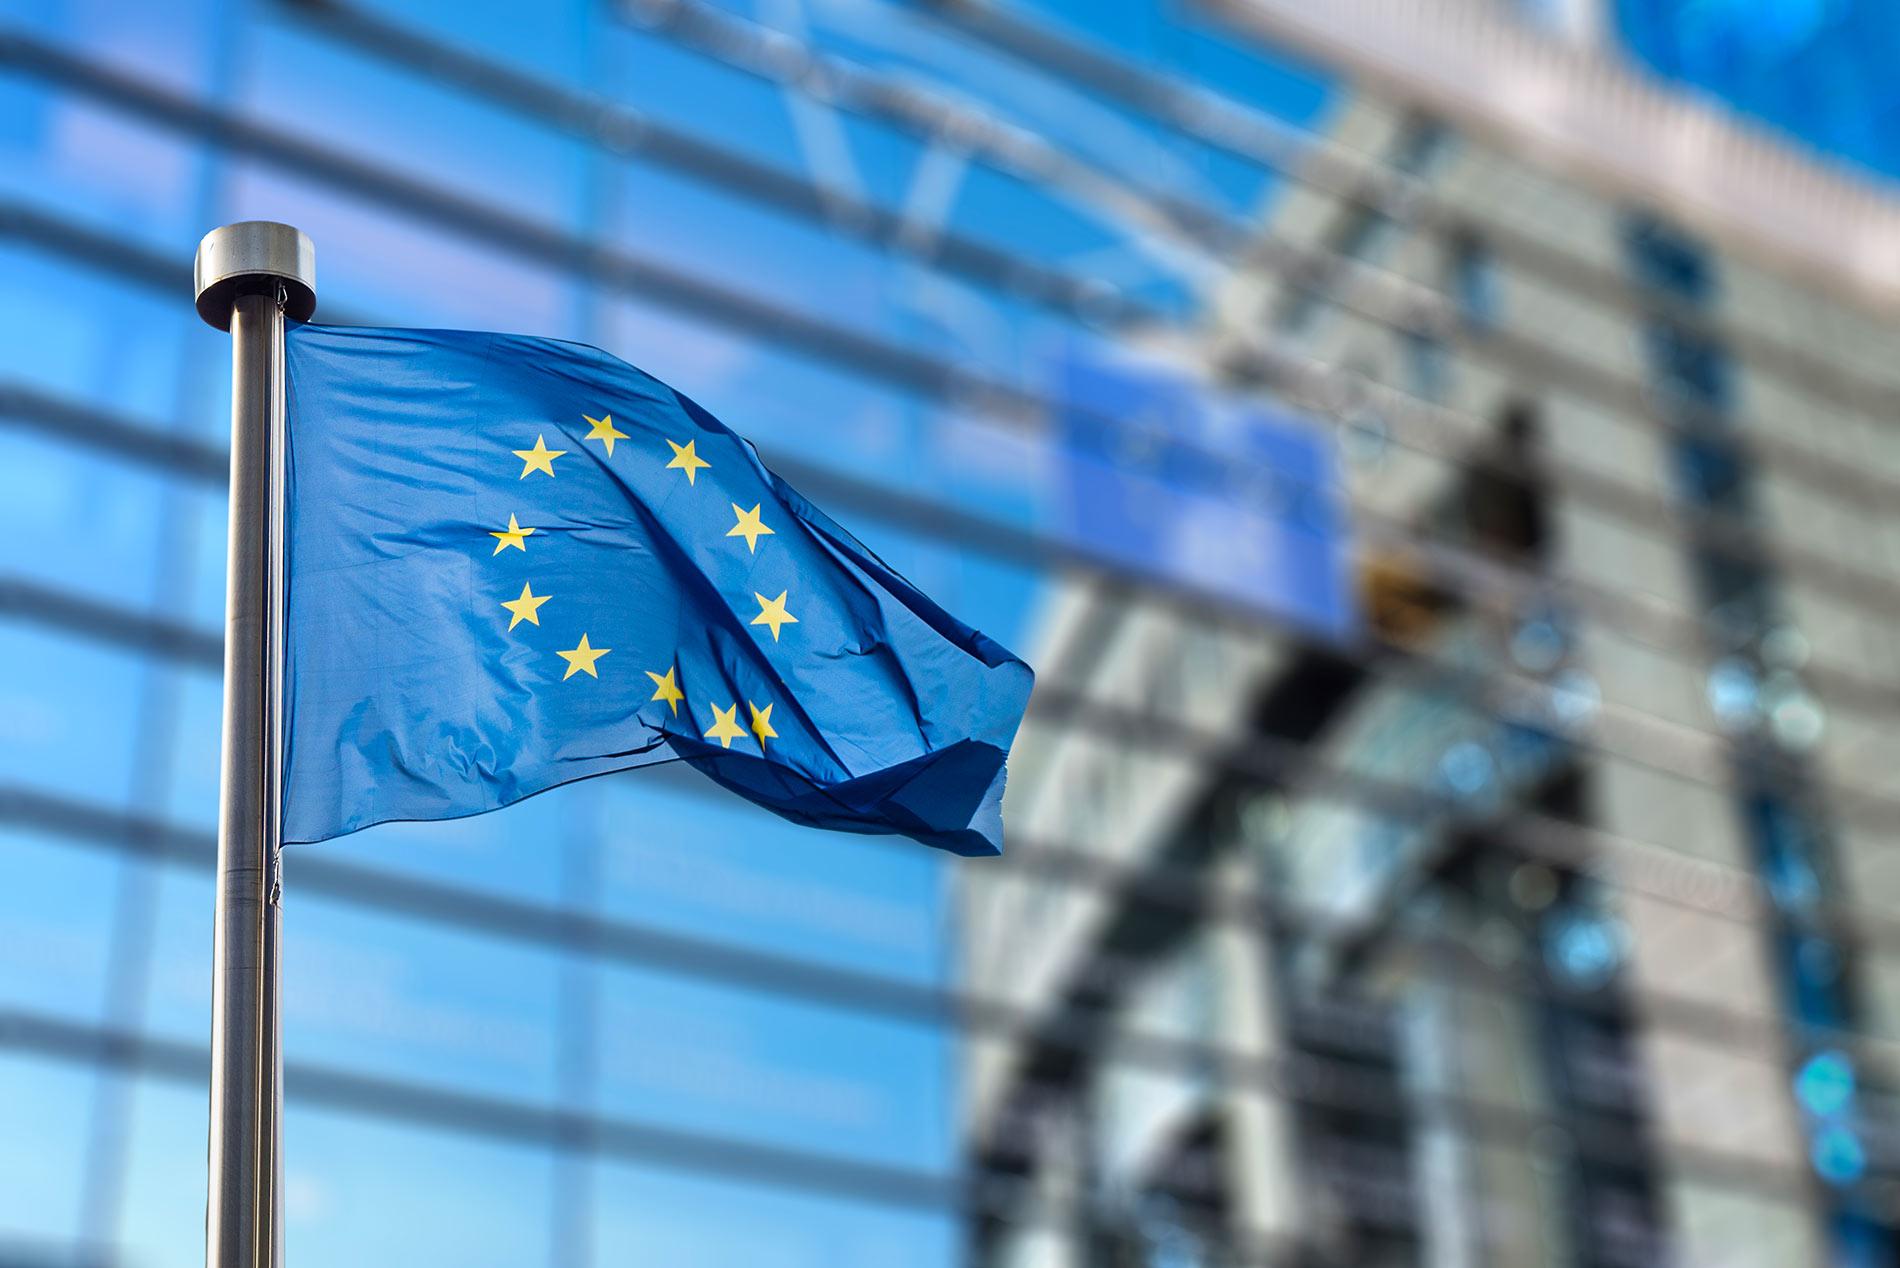 Tres haut debit, 5G, Wi-Fi : le plan de la Commission européenne pour les futurs réseaux